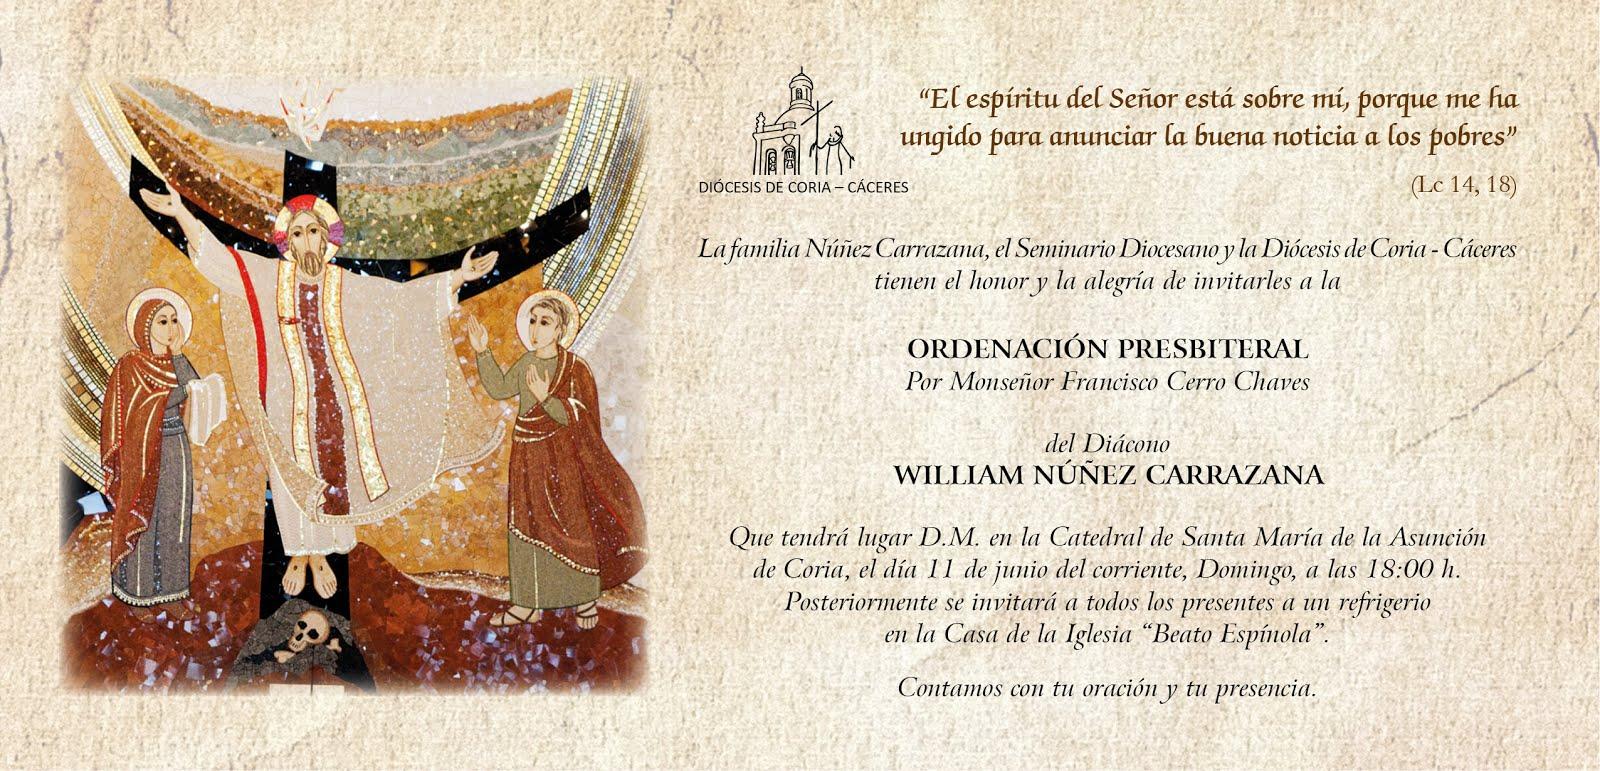 WILLIAM NÚÑEZ RECIBIRÁ EL ORDEN SACERDOTAL